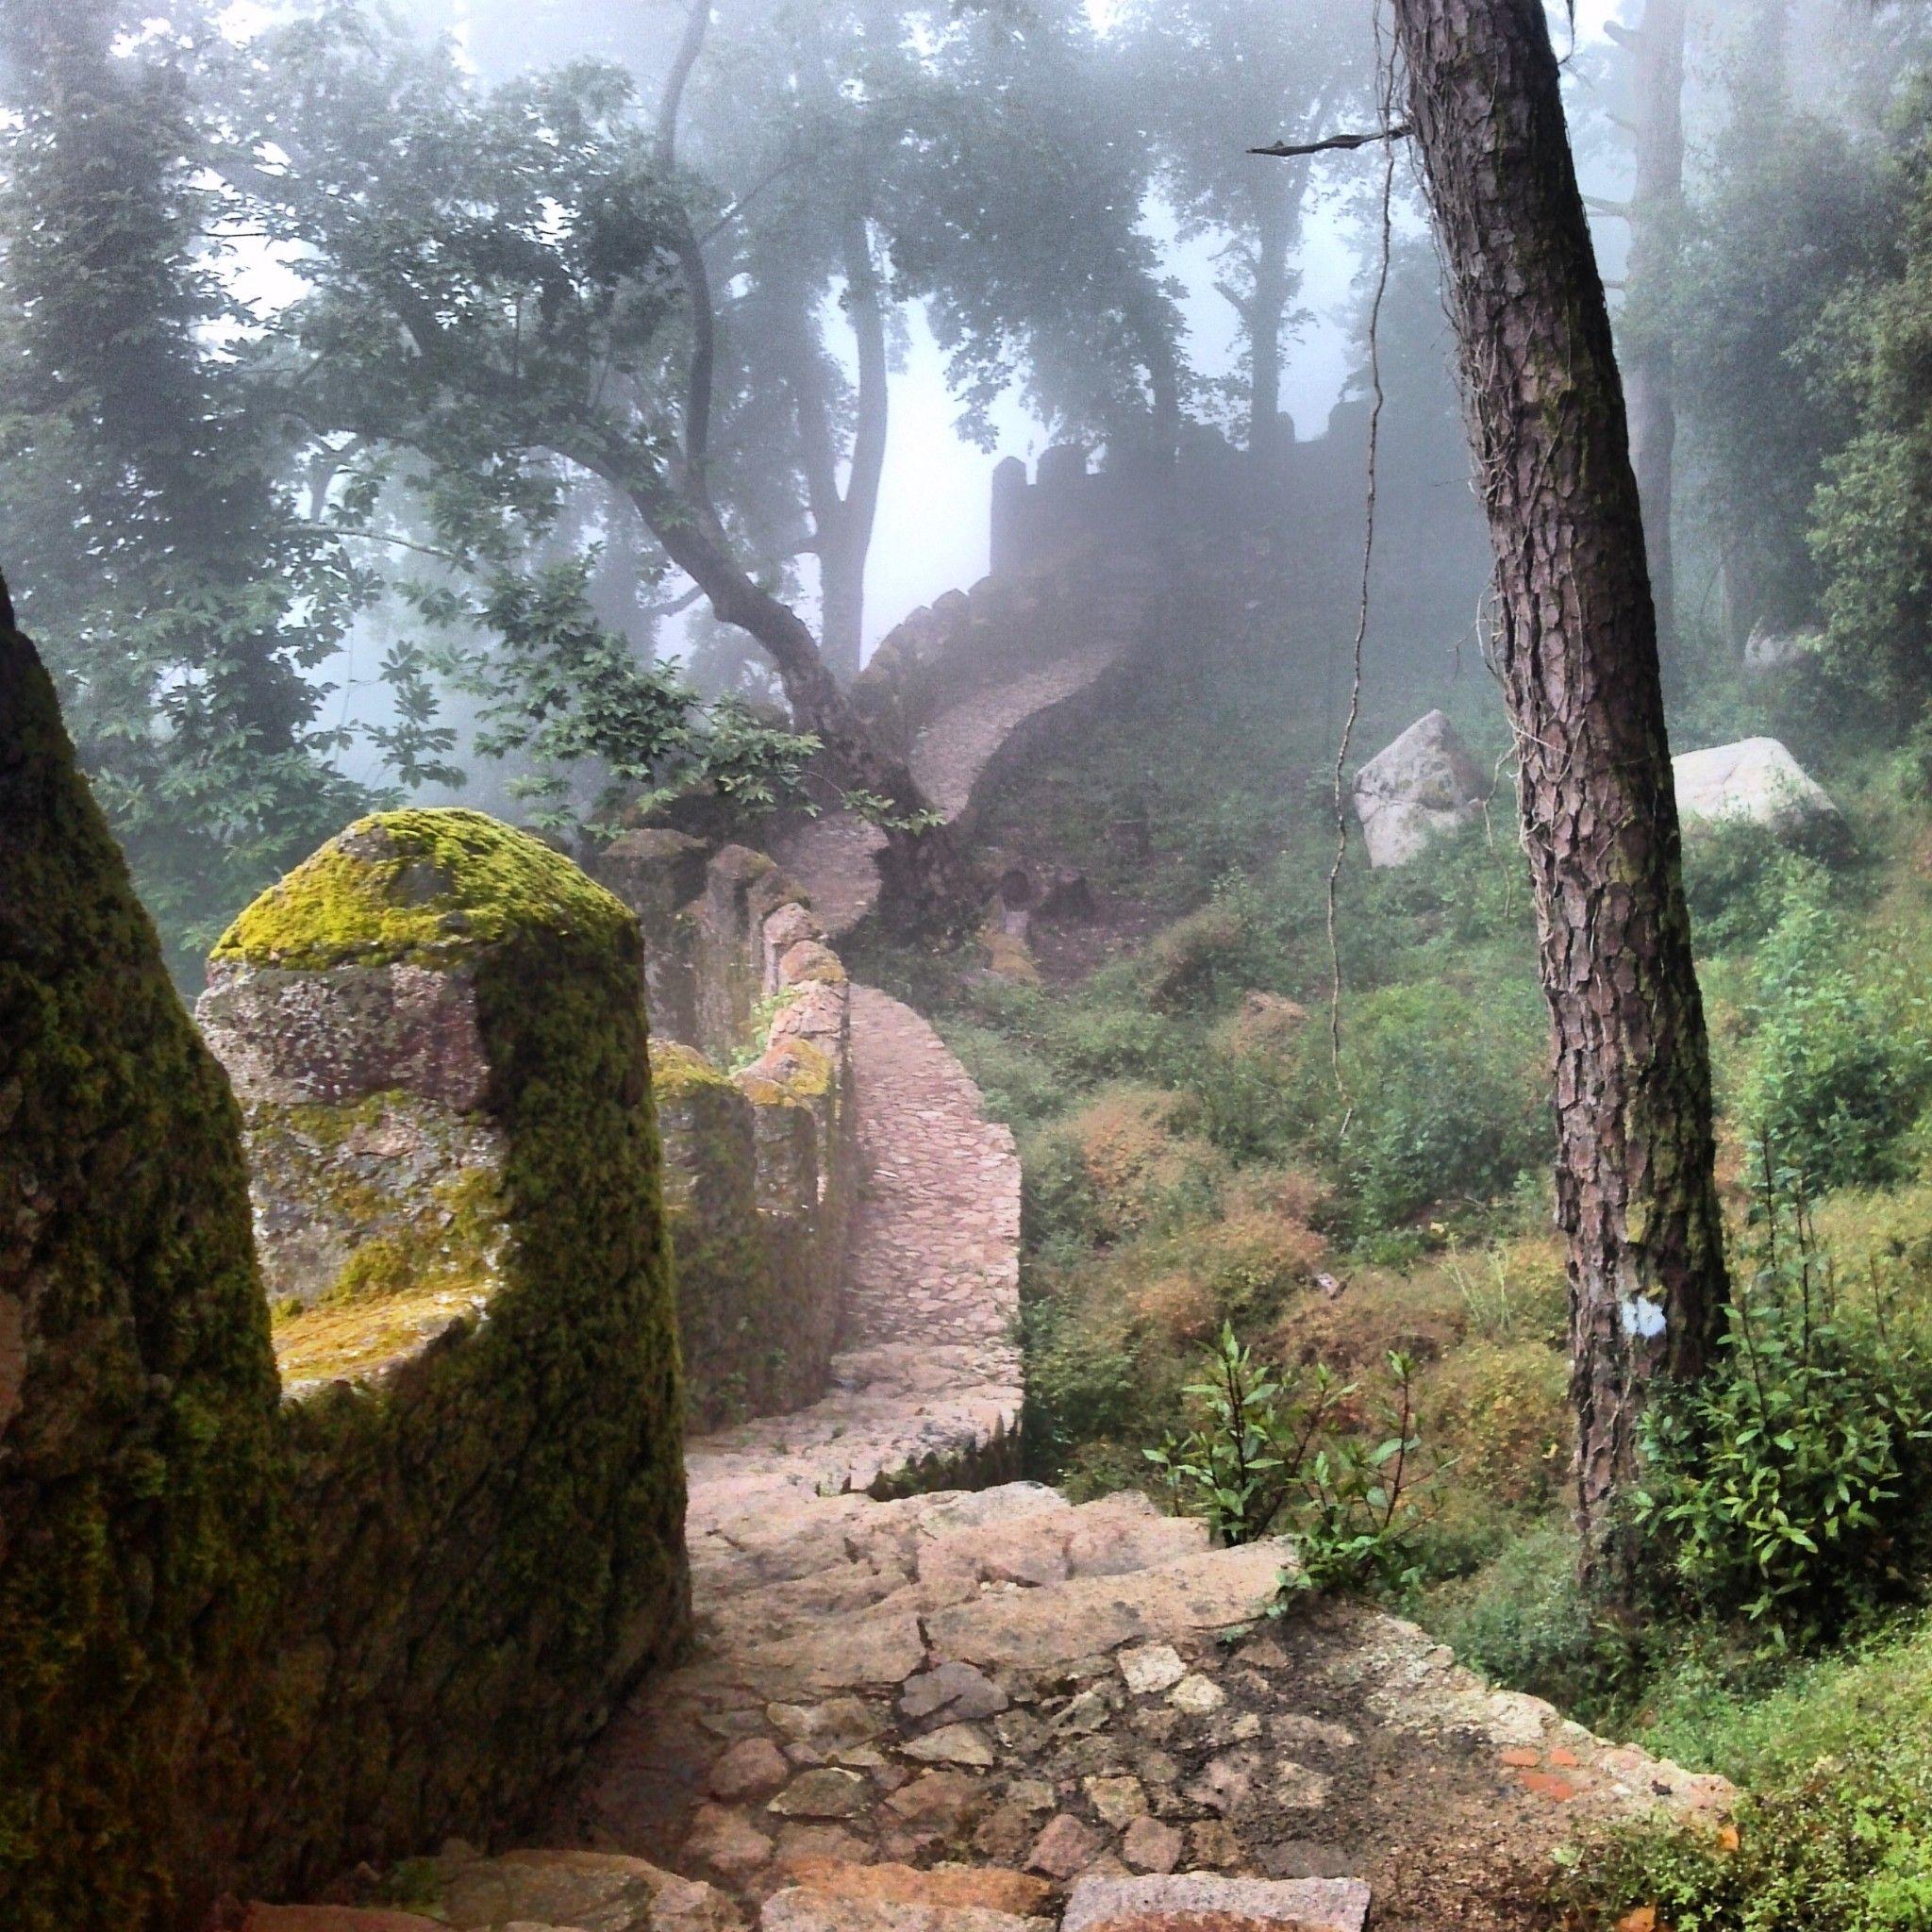 À Conquista do Castelo  - Castelo dos Mouros ,Sintra, Jun 2013